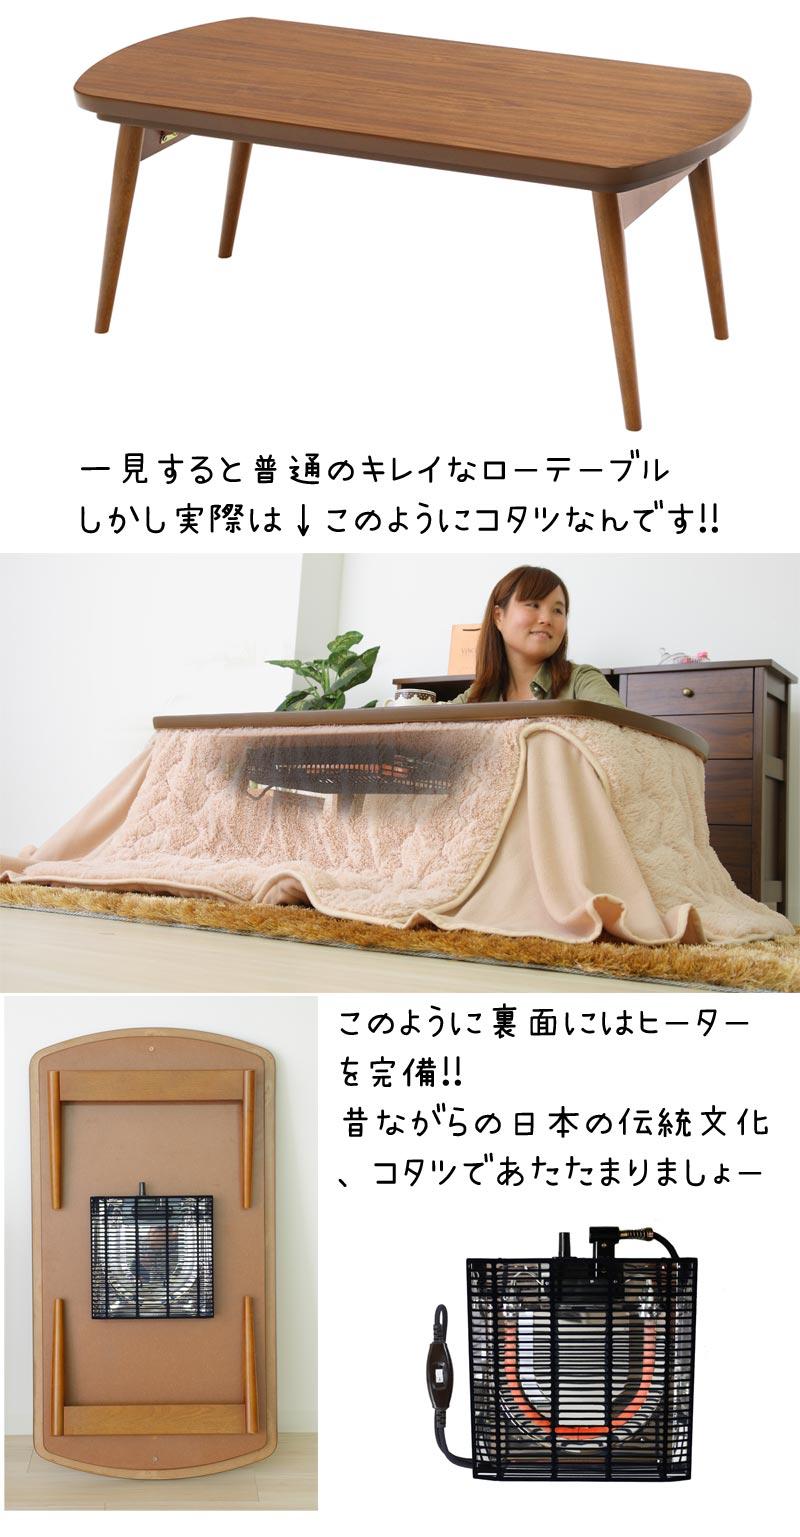 折れ脚ウォールナットコタツ商品ページ